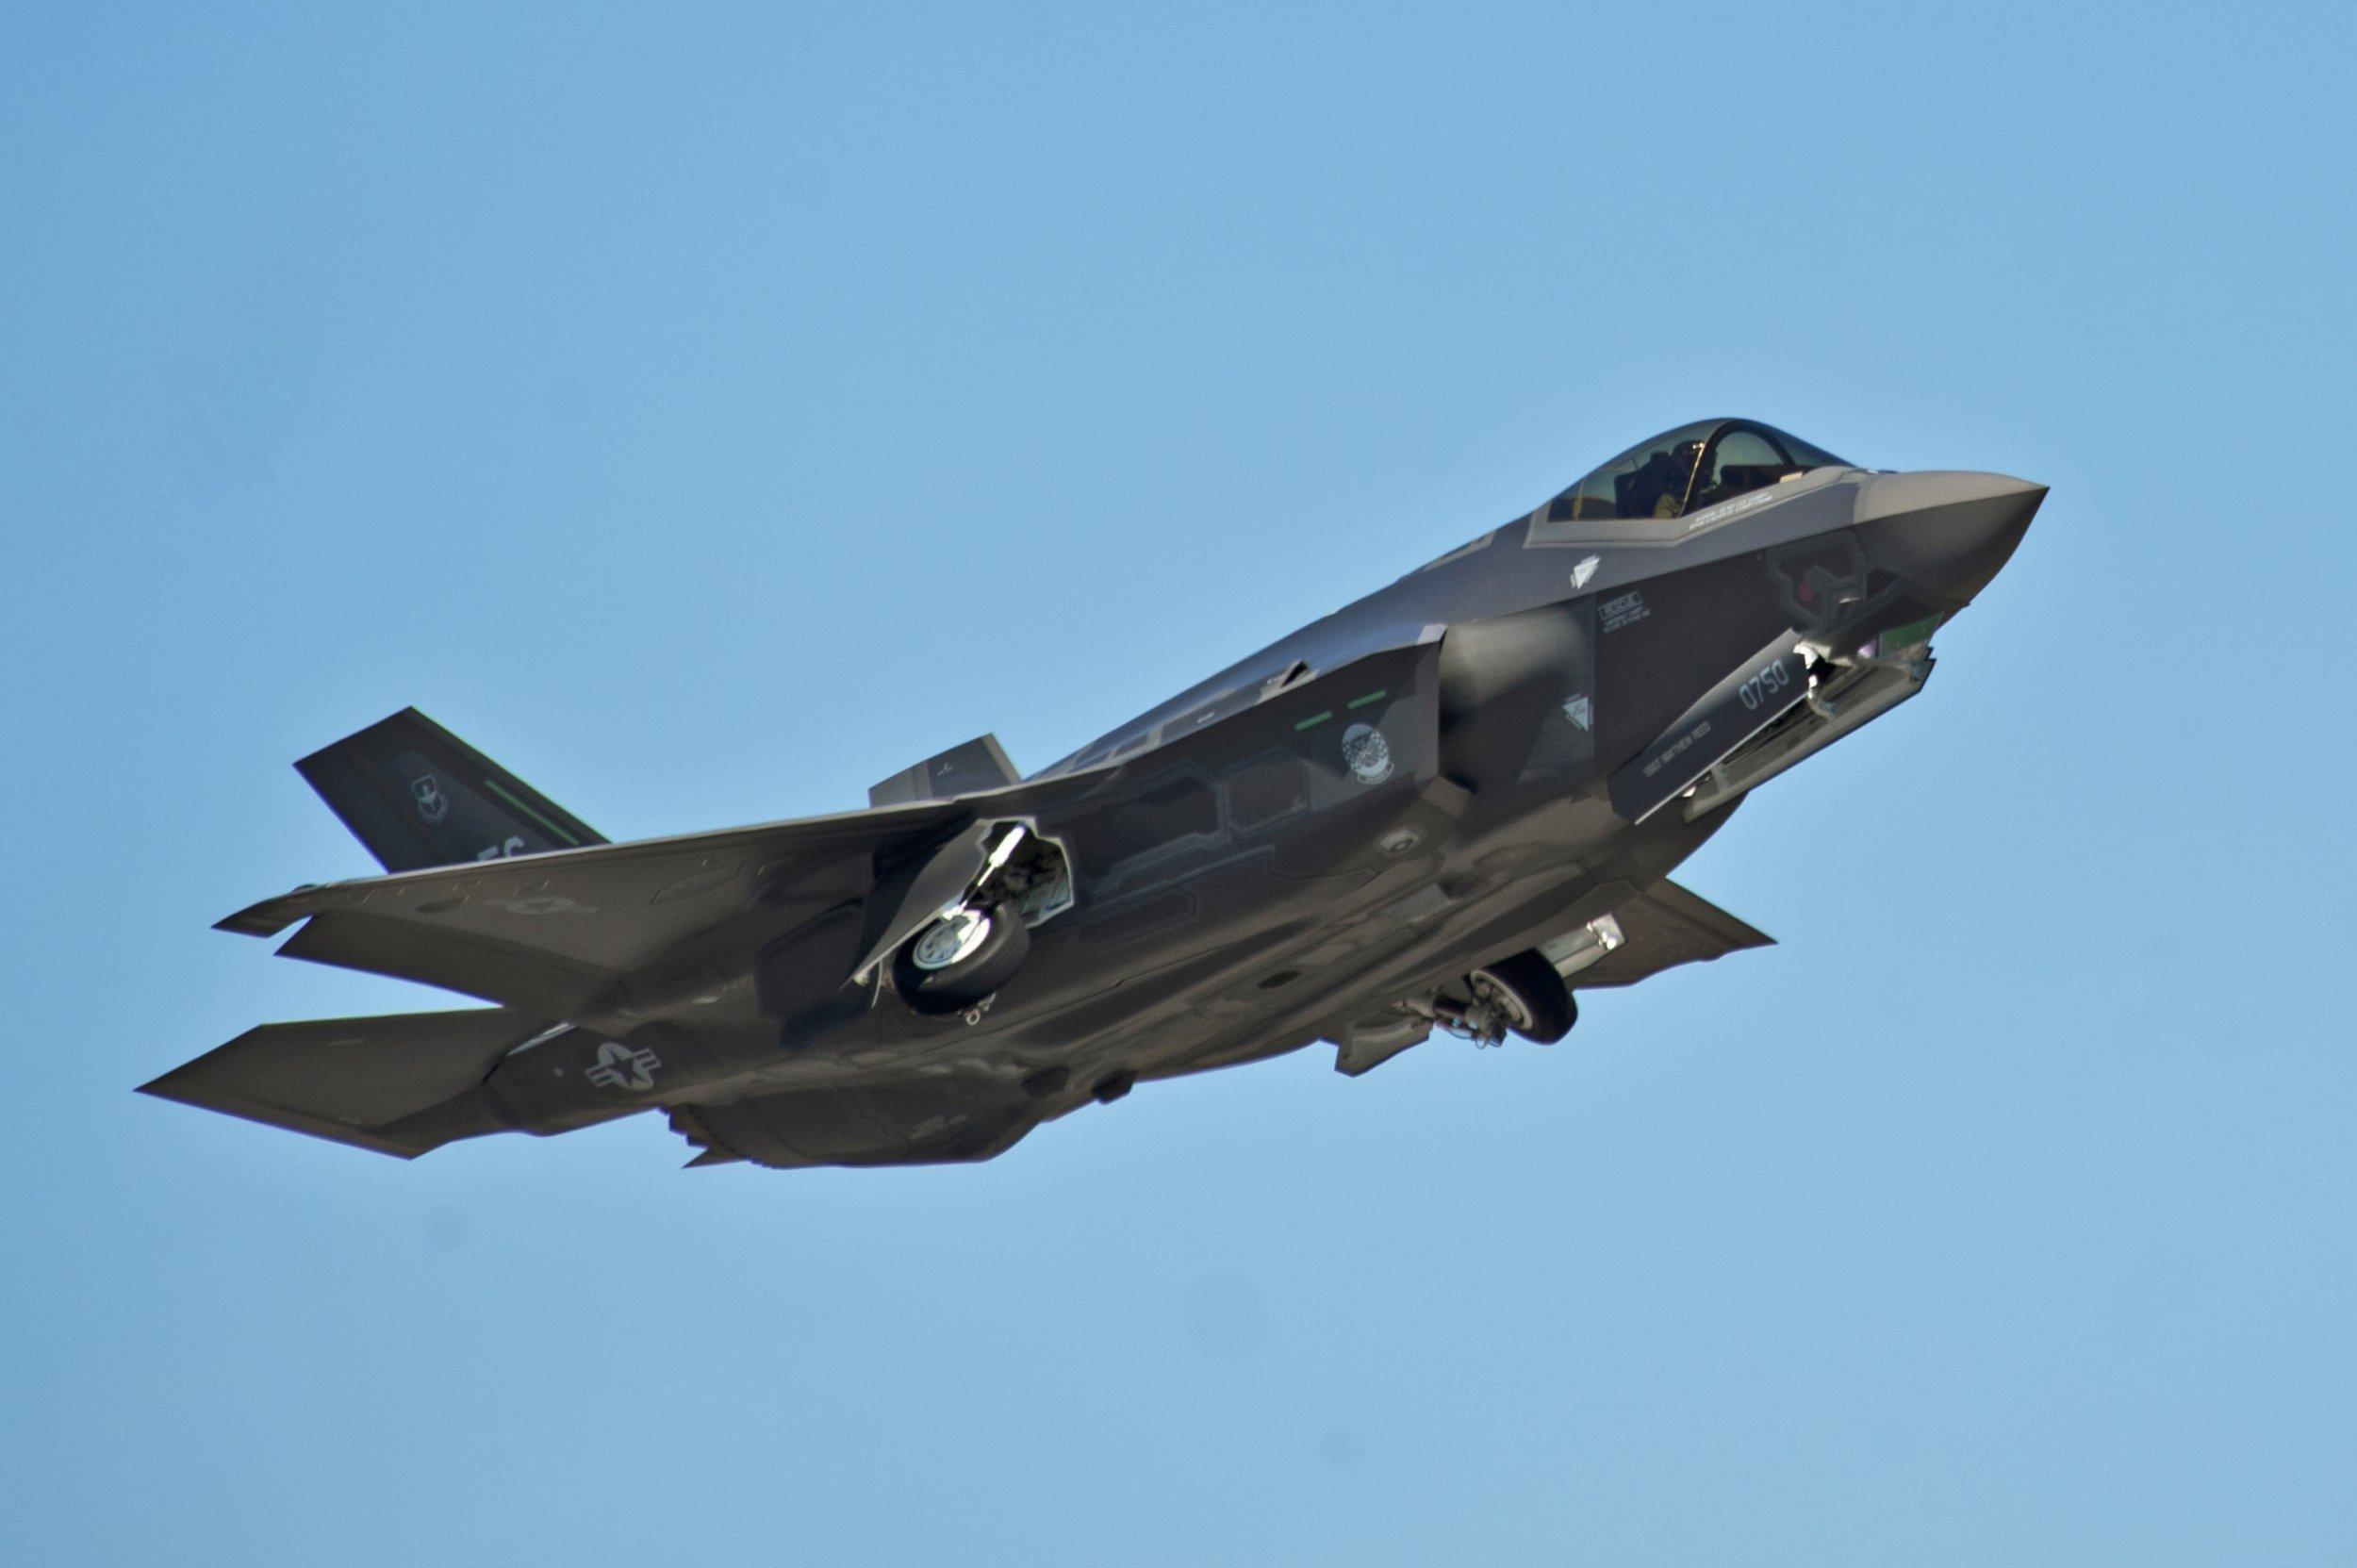 21_4_F-35A Lightning II